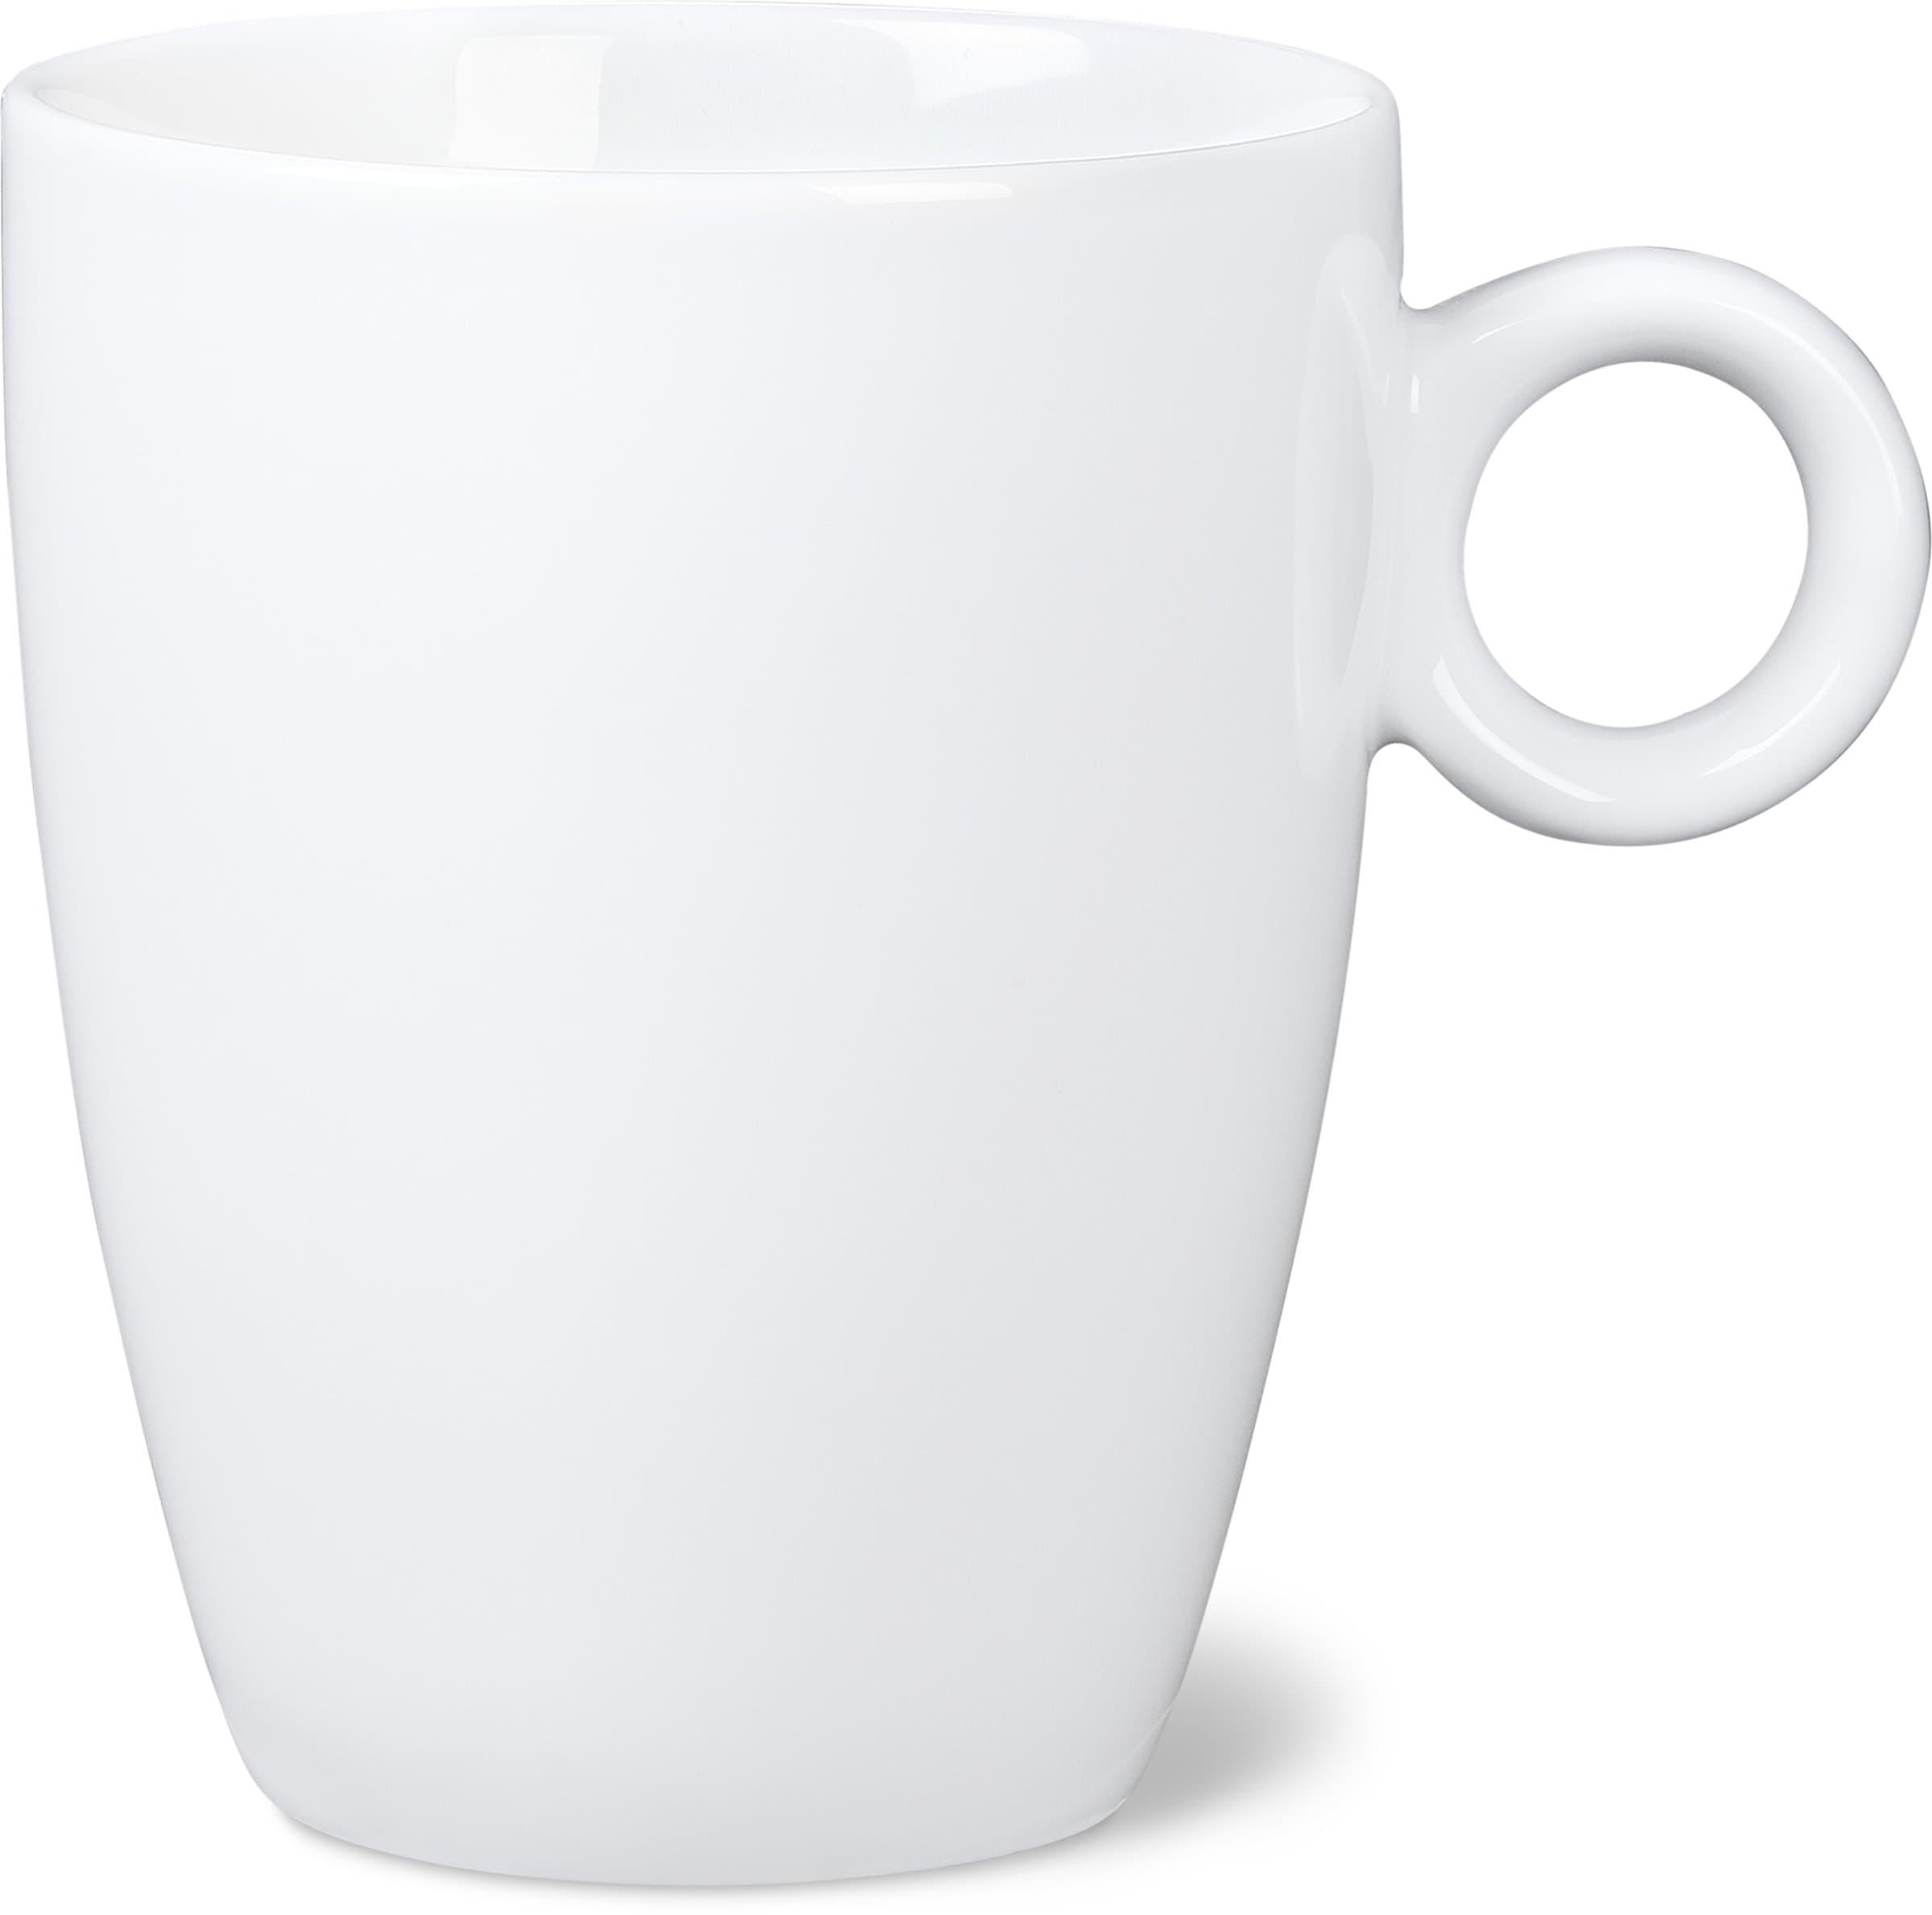 Cucina & Tavola Kaffeetasse